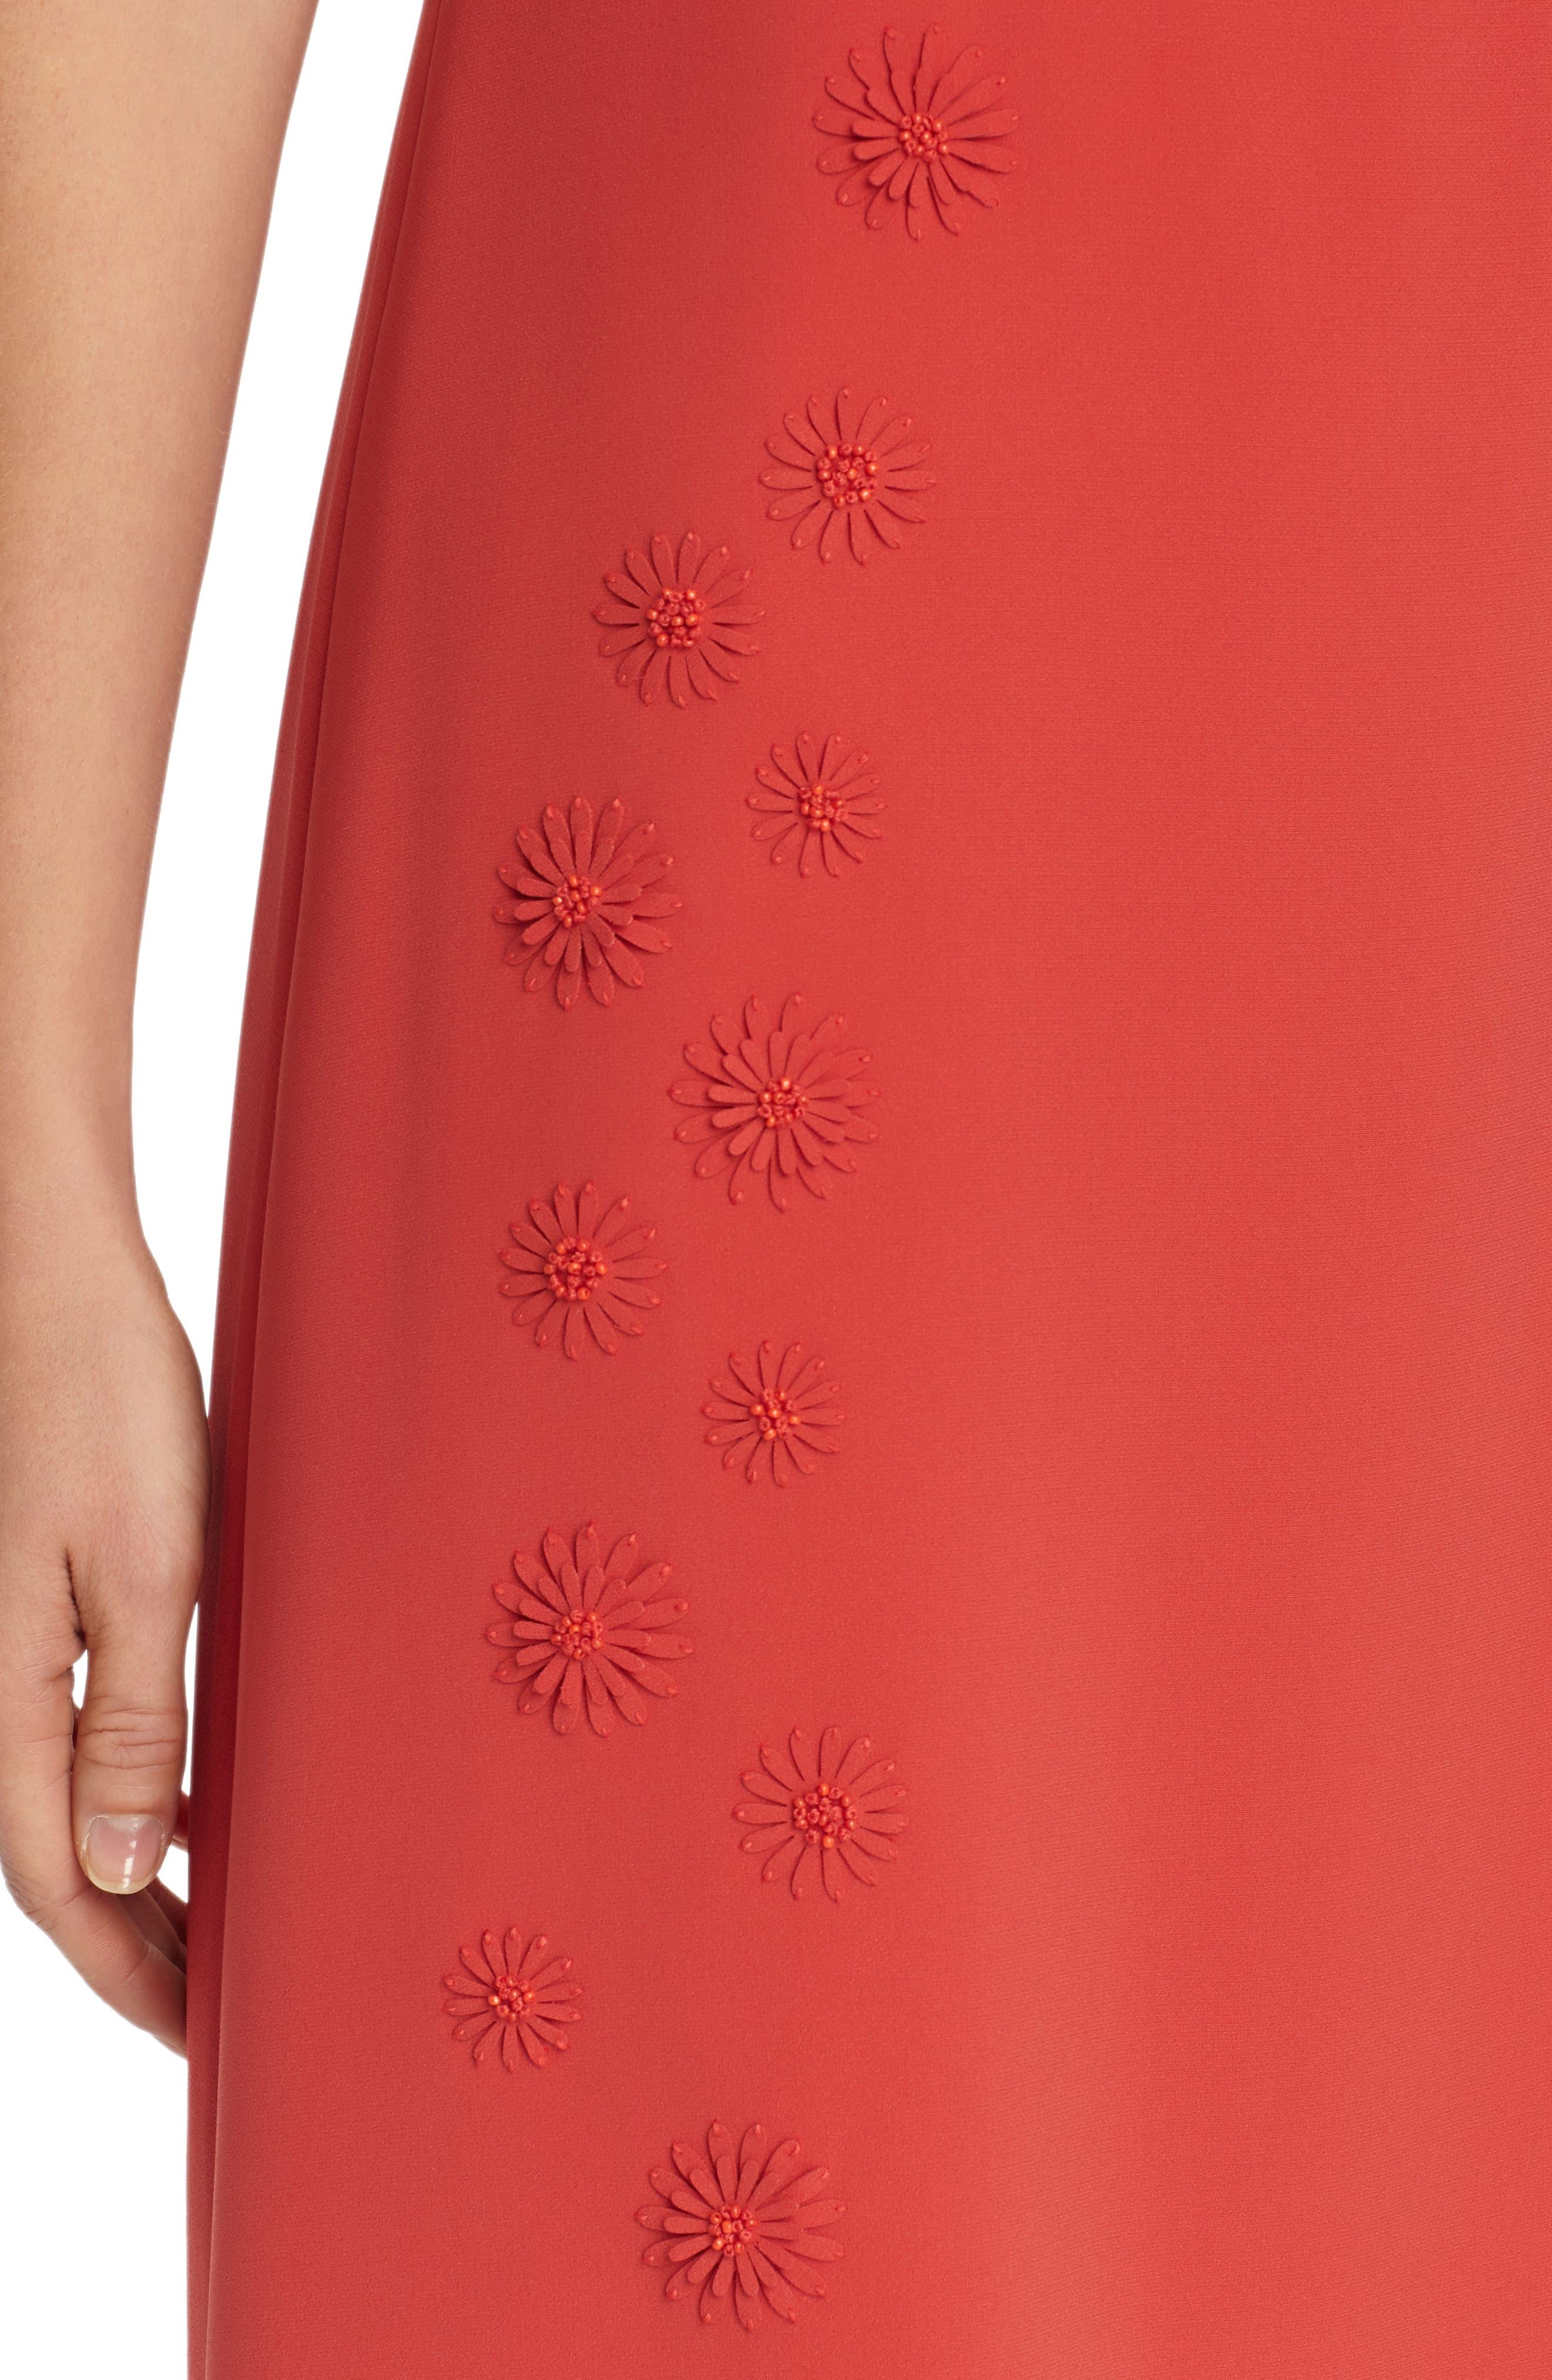 Cheyenne Floral Embellished A-Line Dress,                             Alternate thumbnail 4, color,                             Salsa